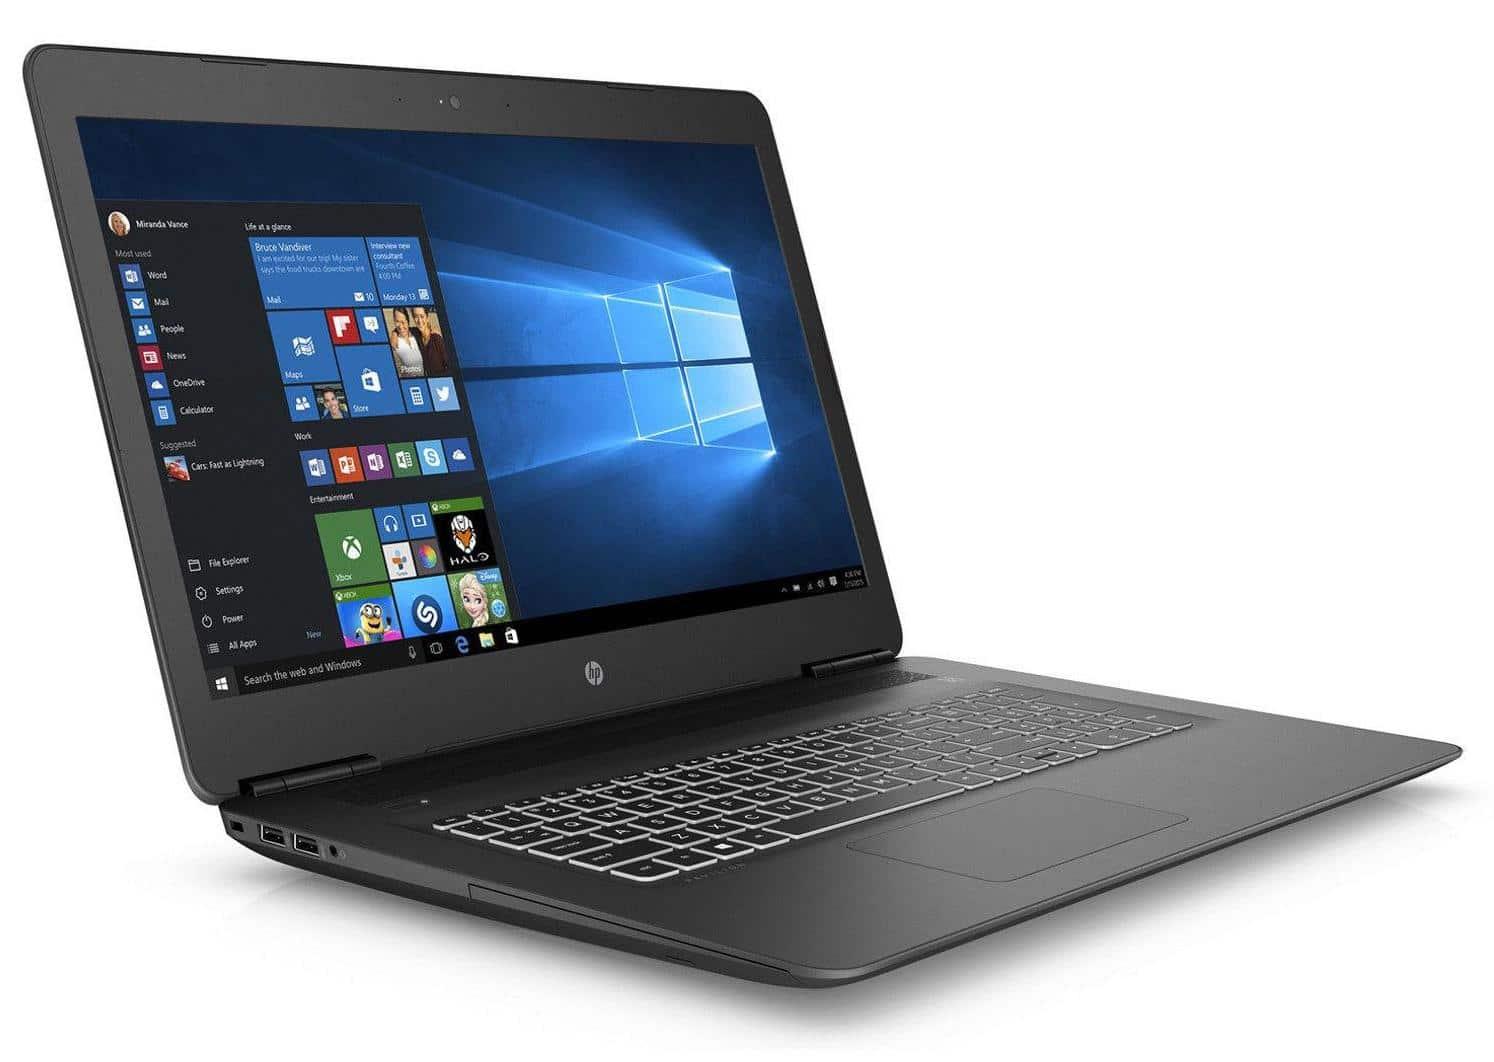 Solde PC portable gamer pas cher HP Pavilion 17-ab402nf à 599€